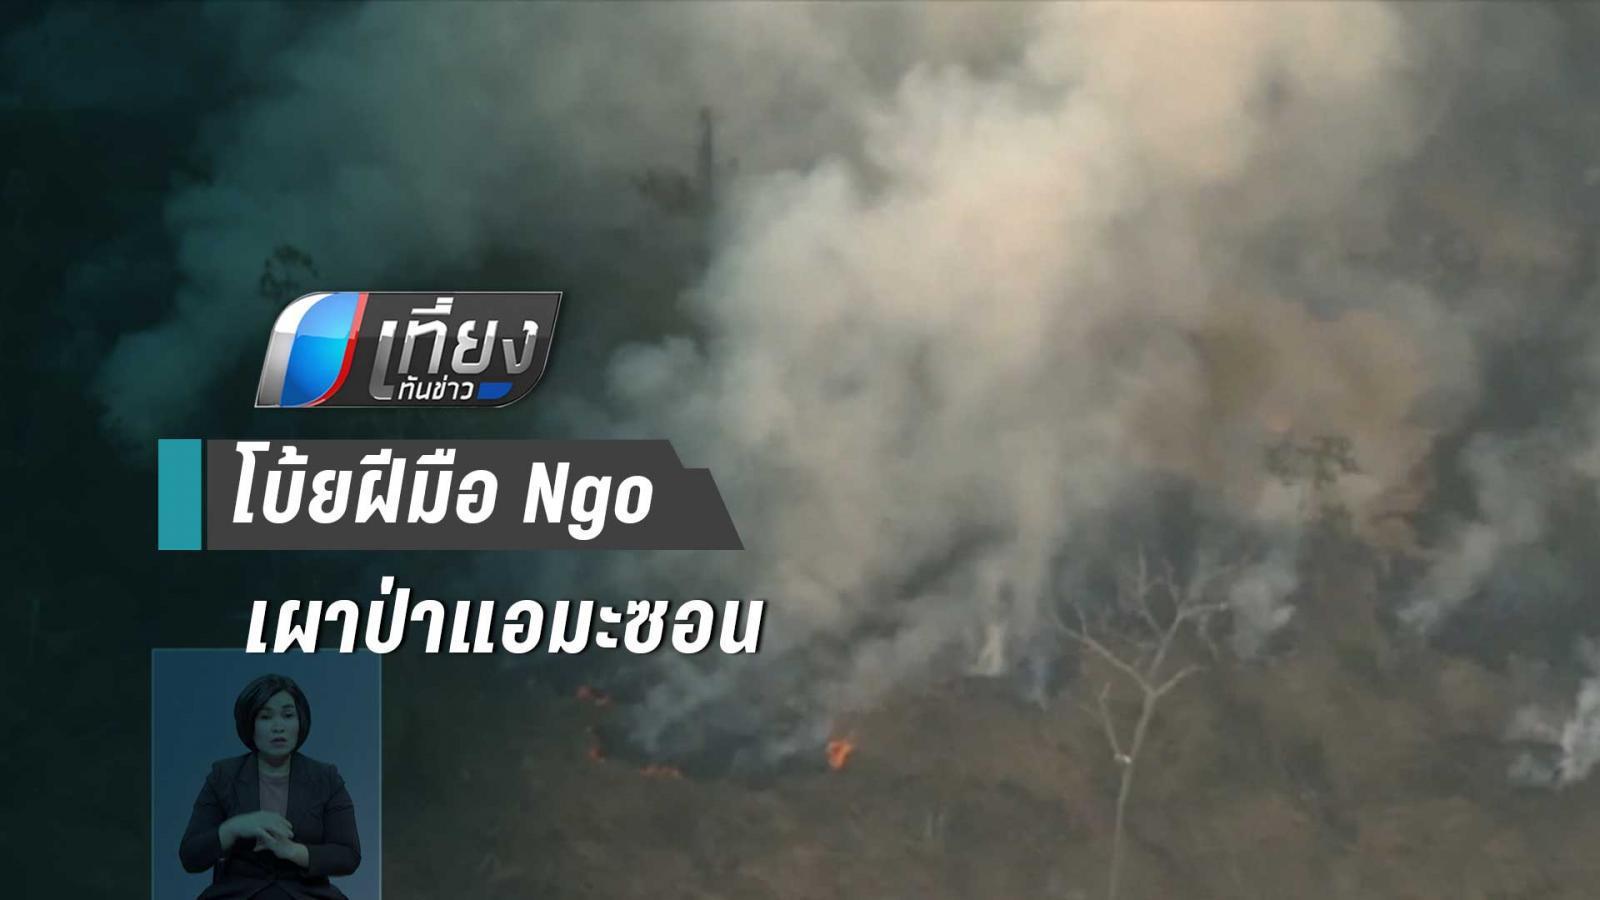 ประธานาธิบดีบราซิล ซัดฝีมือ NGO เผาป่า สร้างเรื่องโจมตีรัฐบาล